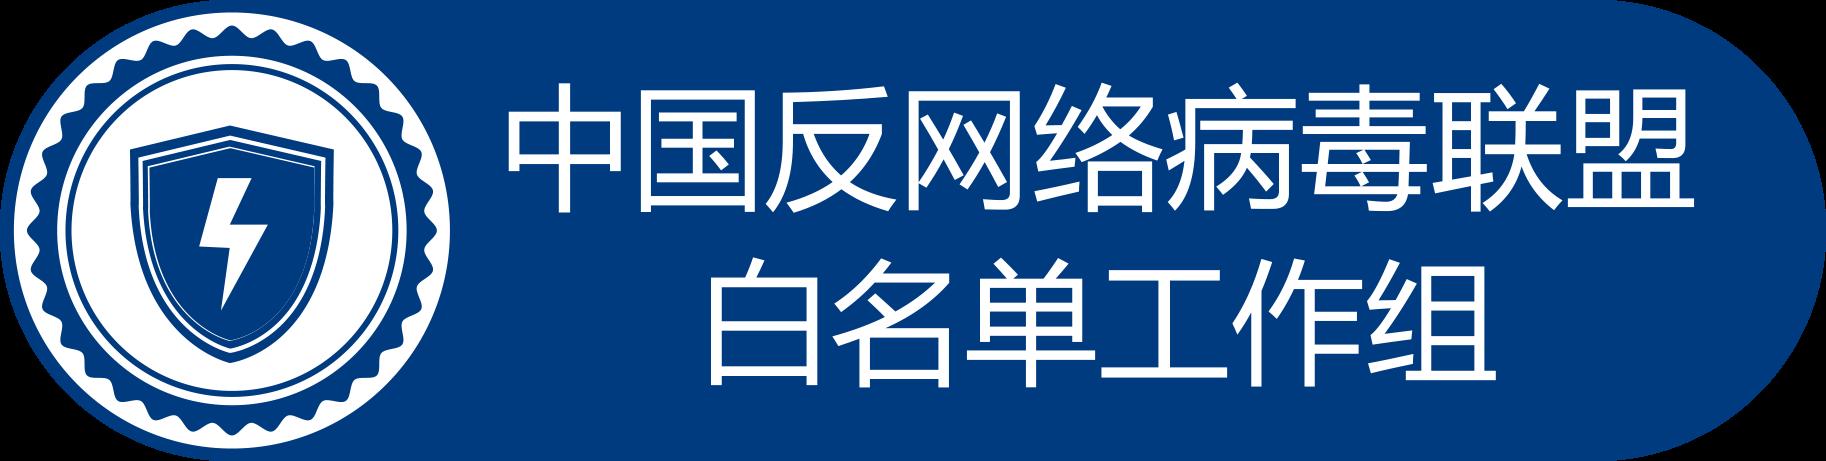 中国反网络病毒联盟白名单工作组